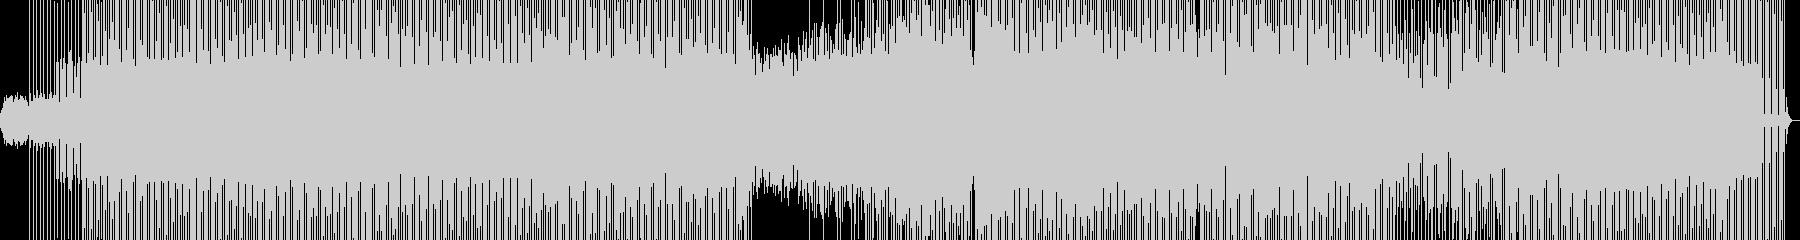 テンションビルダーの未再生の波形